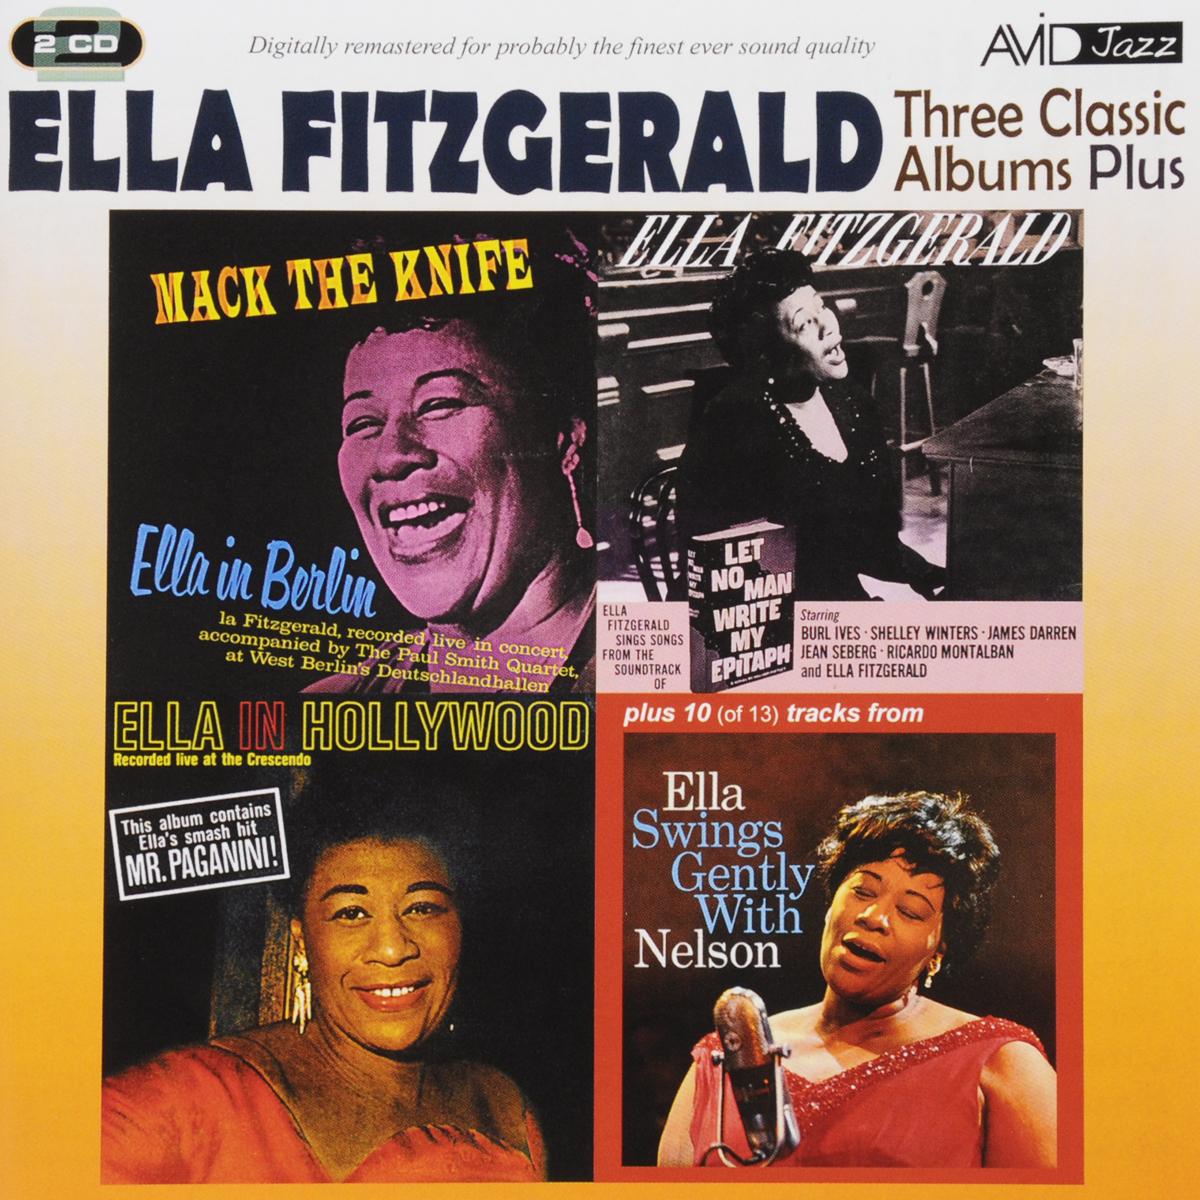 цена Элла Фитцжеральд Ella Fitzgerald. Three Classic Albums Plus (2 CD) в интернет-магазинах